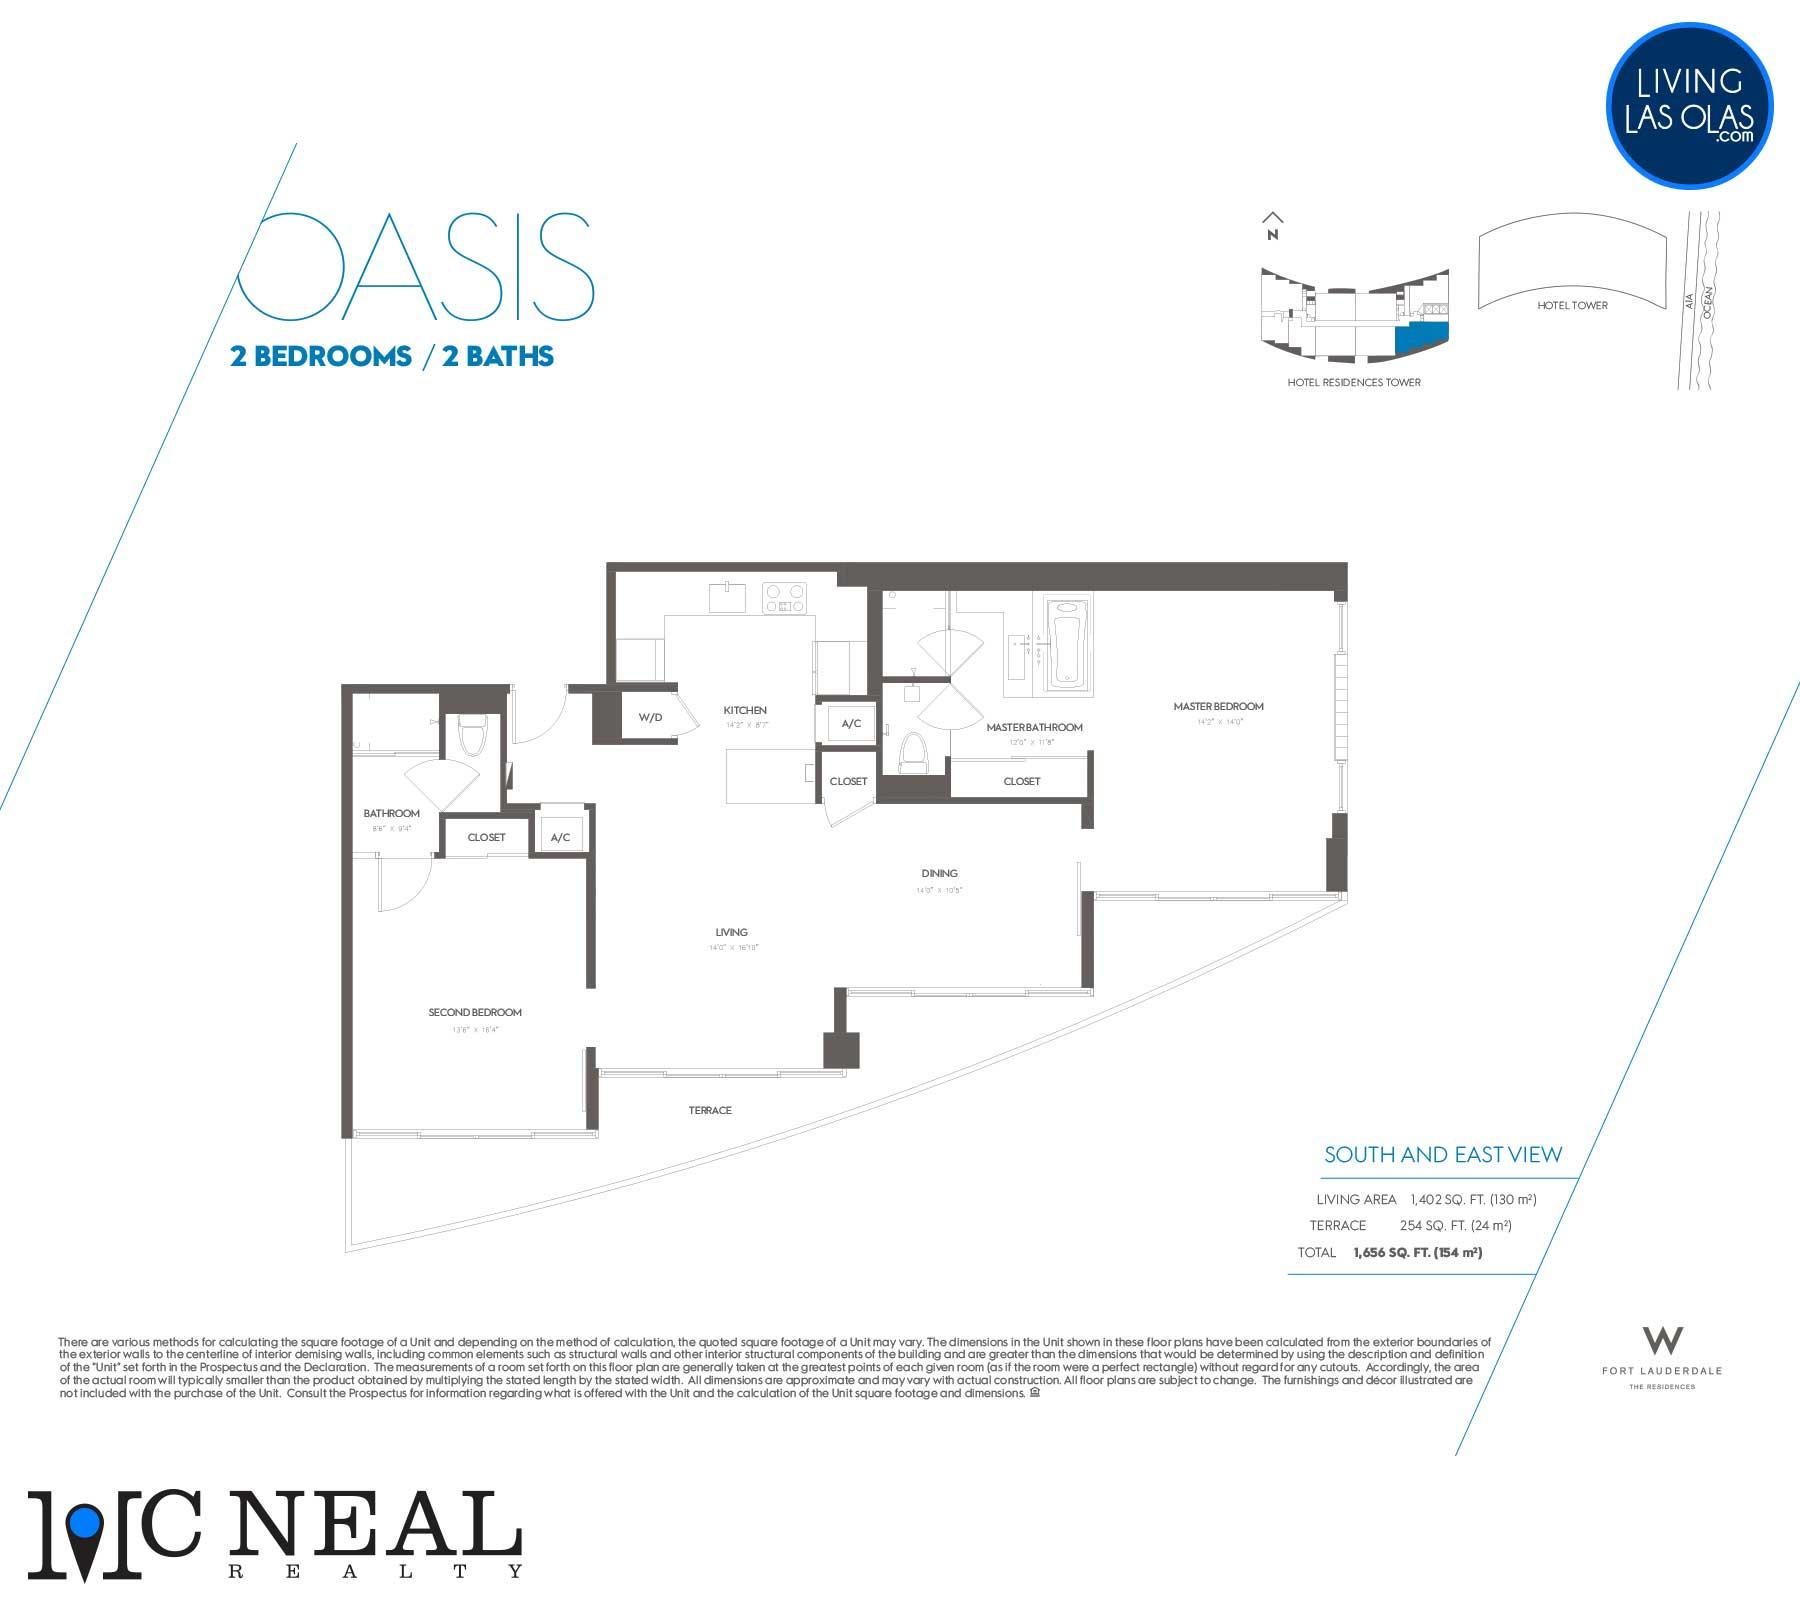 W Residences Fort Lauderdale Floor Plans Oasis